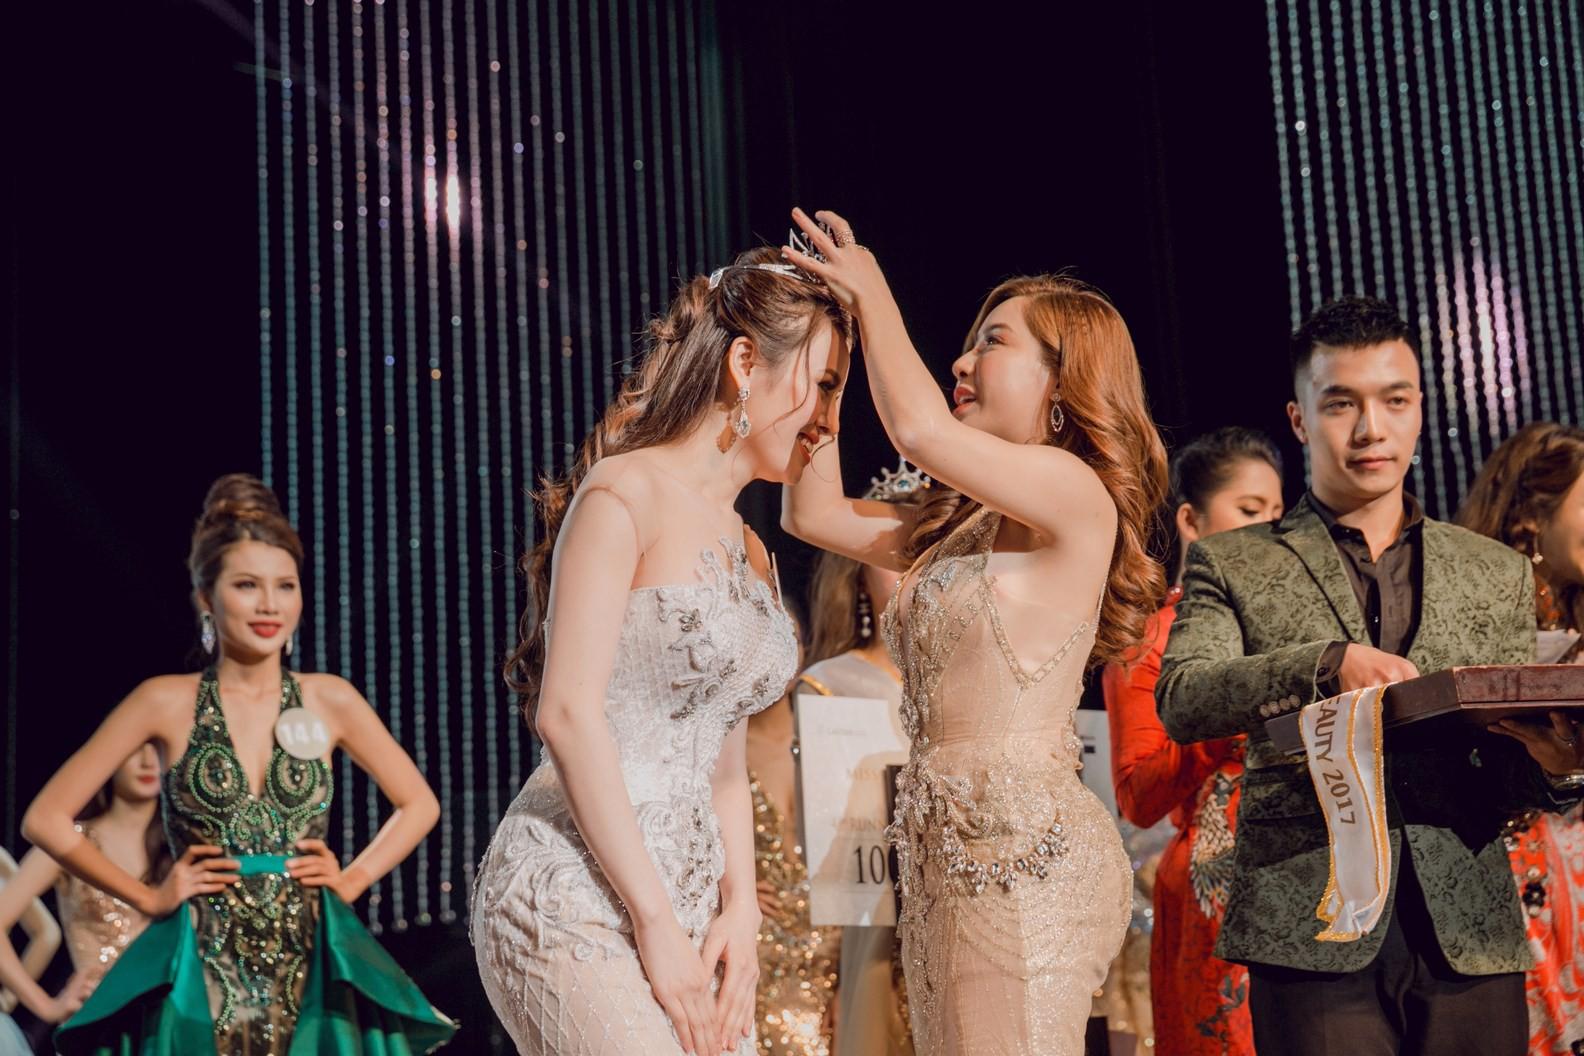 Thư Dung tiếp tục bị tước danh hiệu Hoa hậu Sắc đẹp Hoàn mỹ - Ảnh 1.